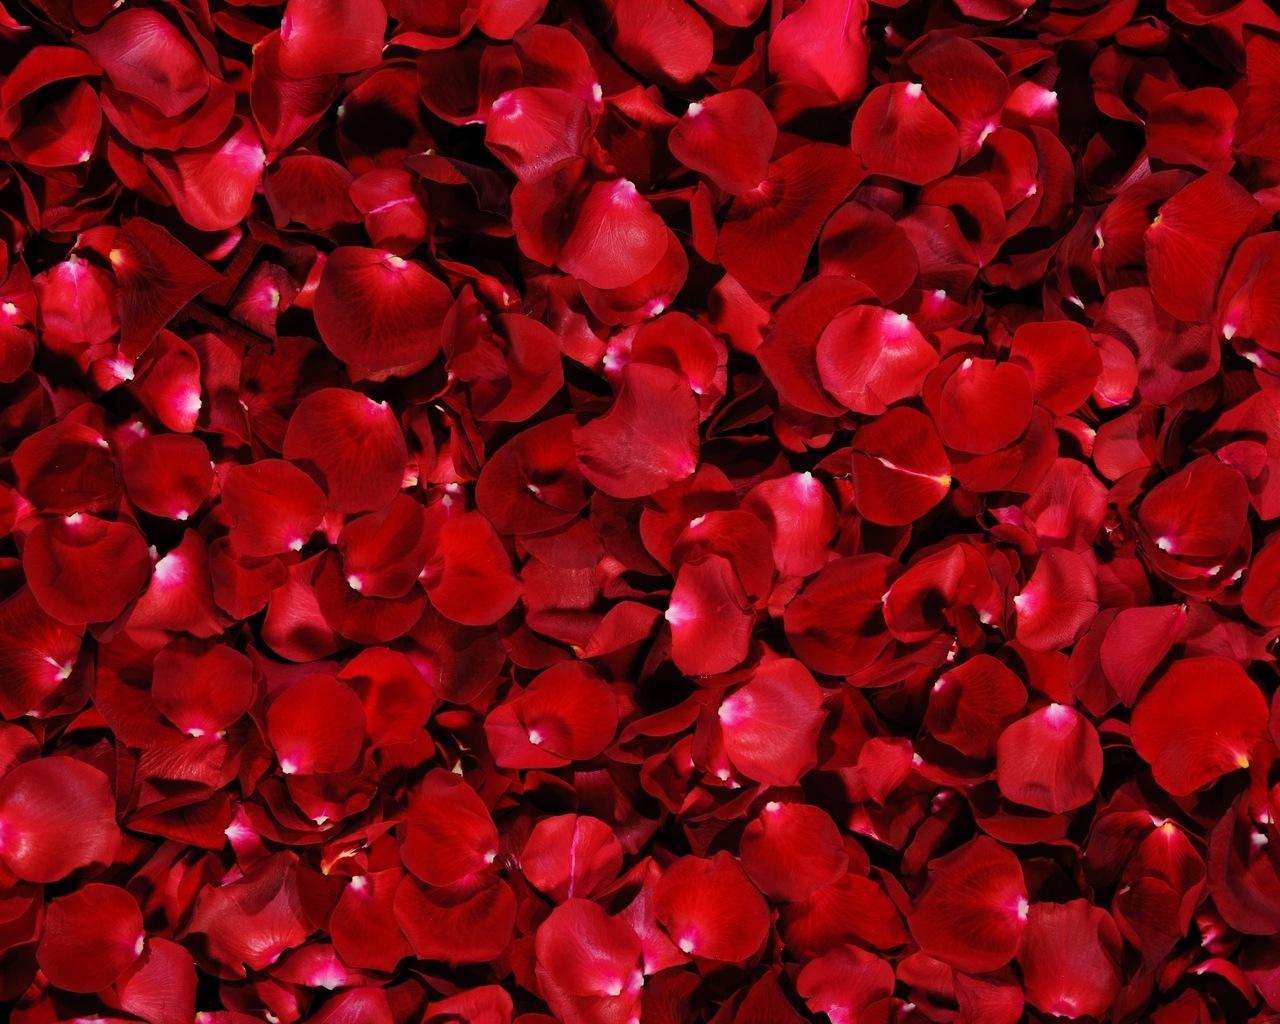 18973 скачать обои Растения, Цветы, Фон, Розы - заставки и картинки бесплатно